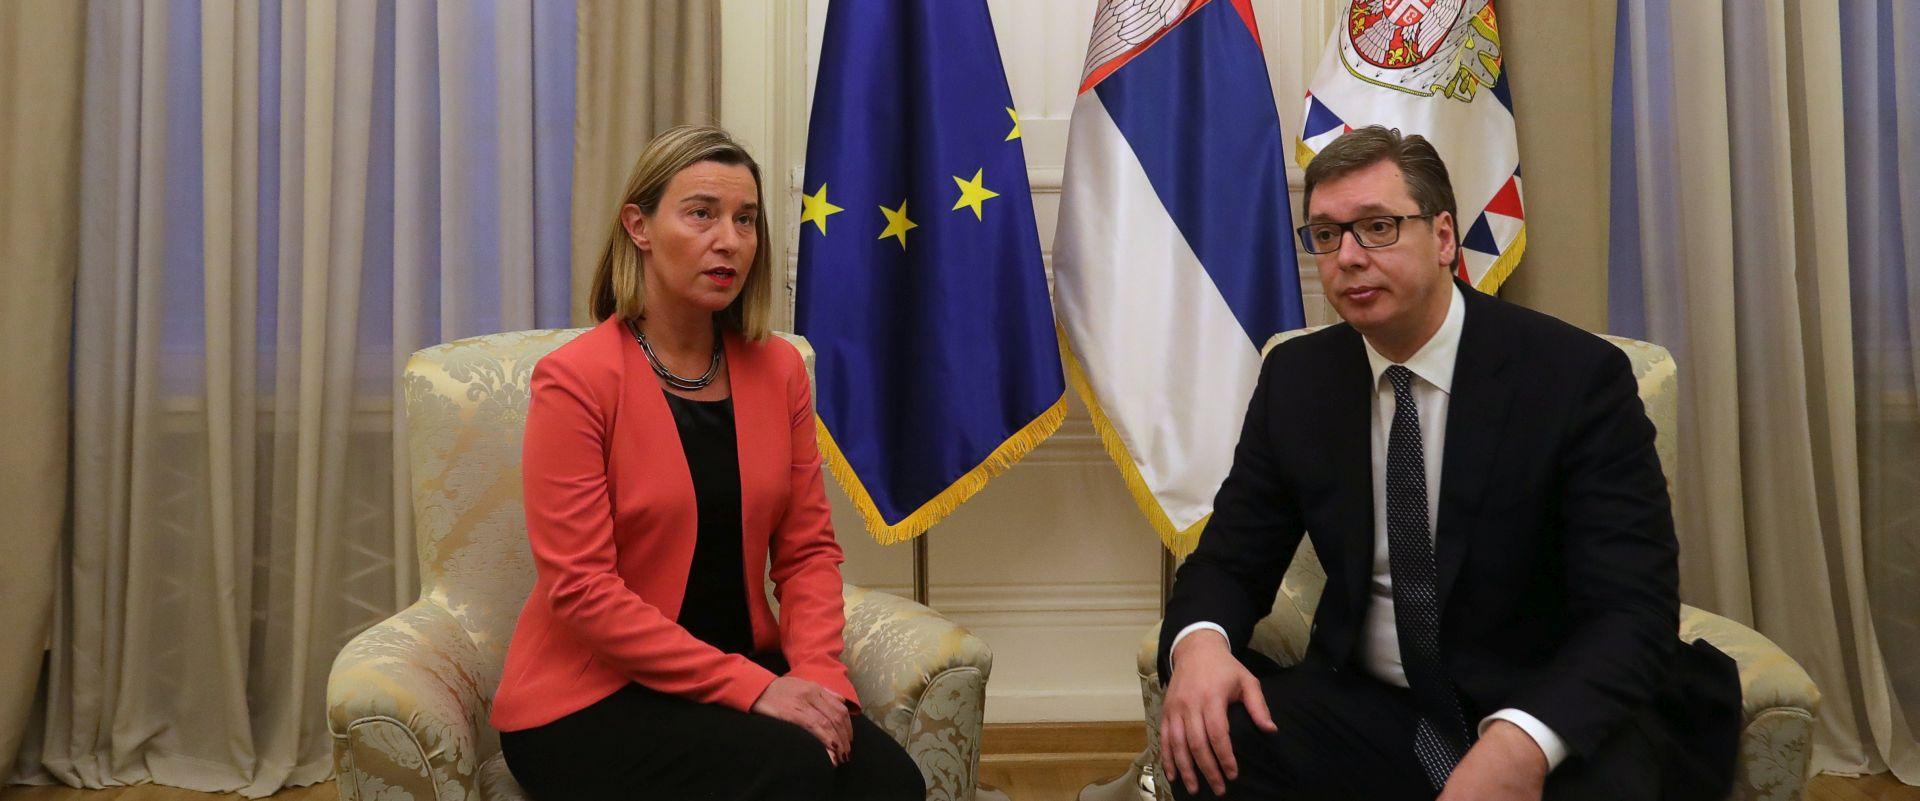 Srbija do kraja lipnja očekuje otvaranje još dva poglavlja s EU